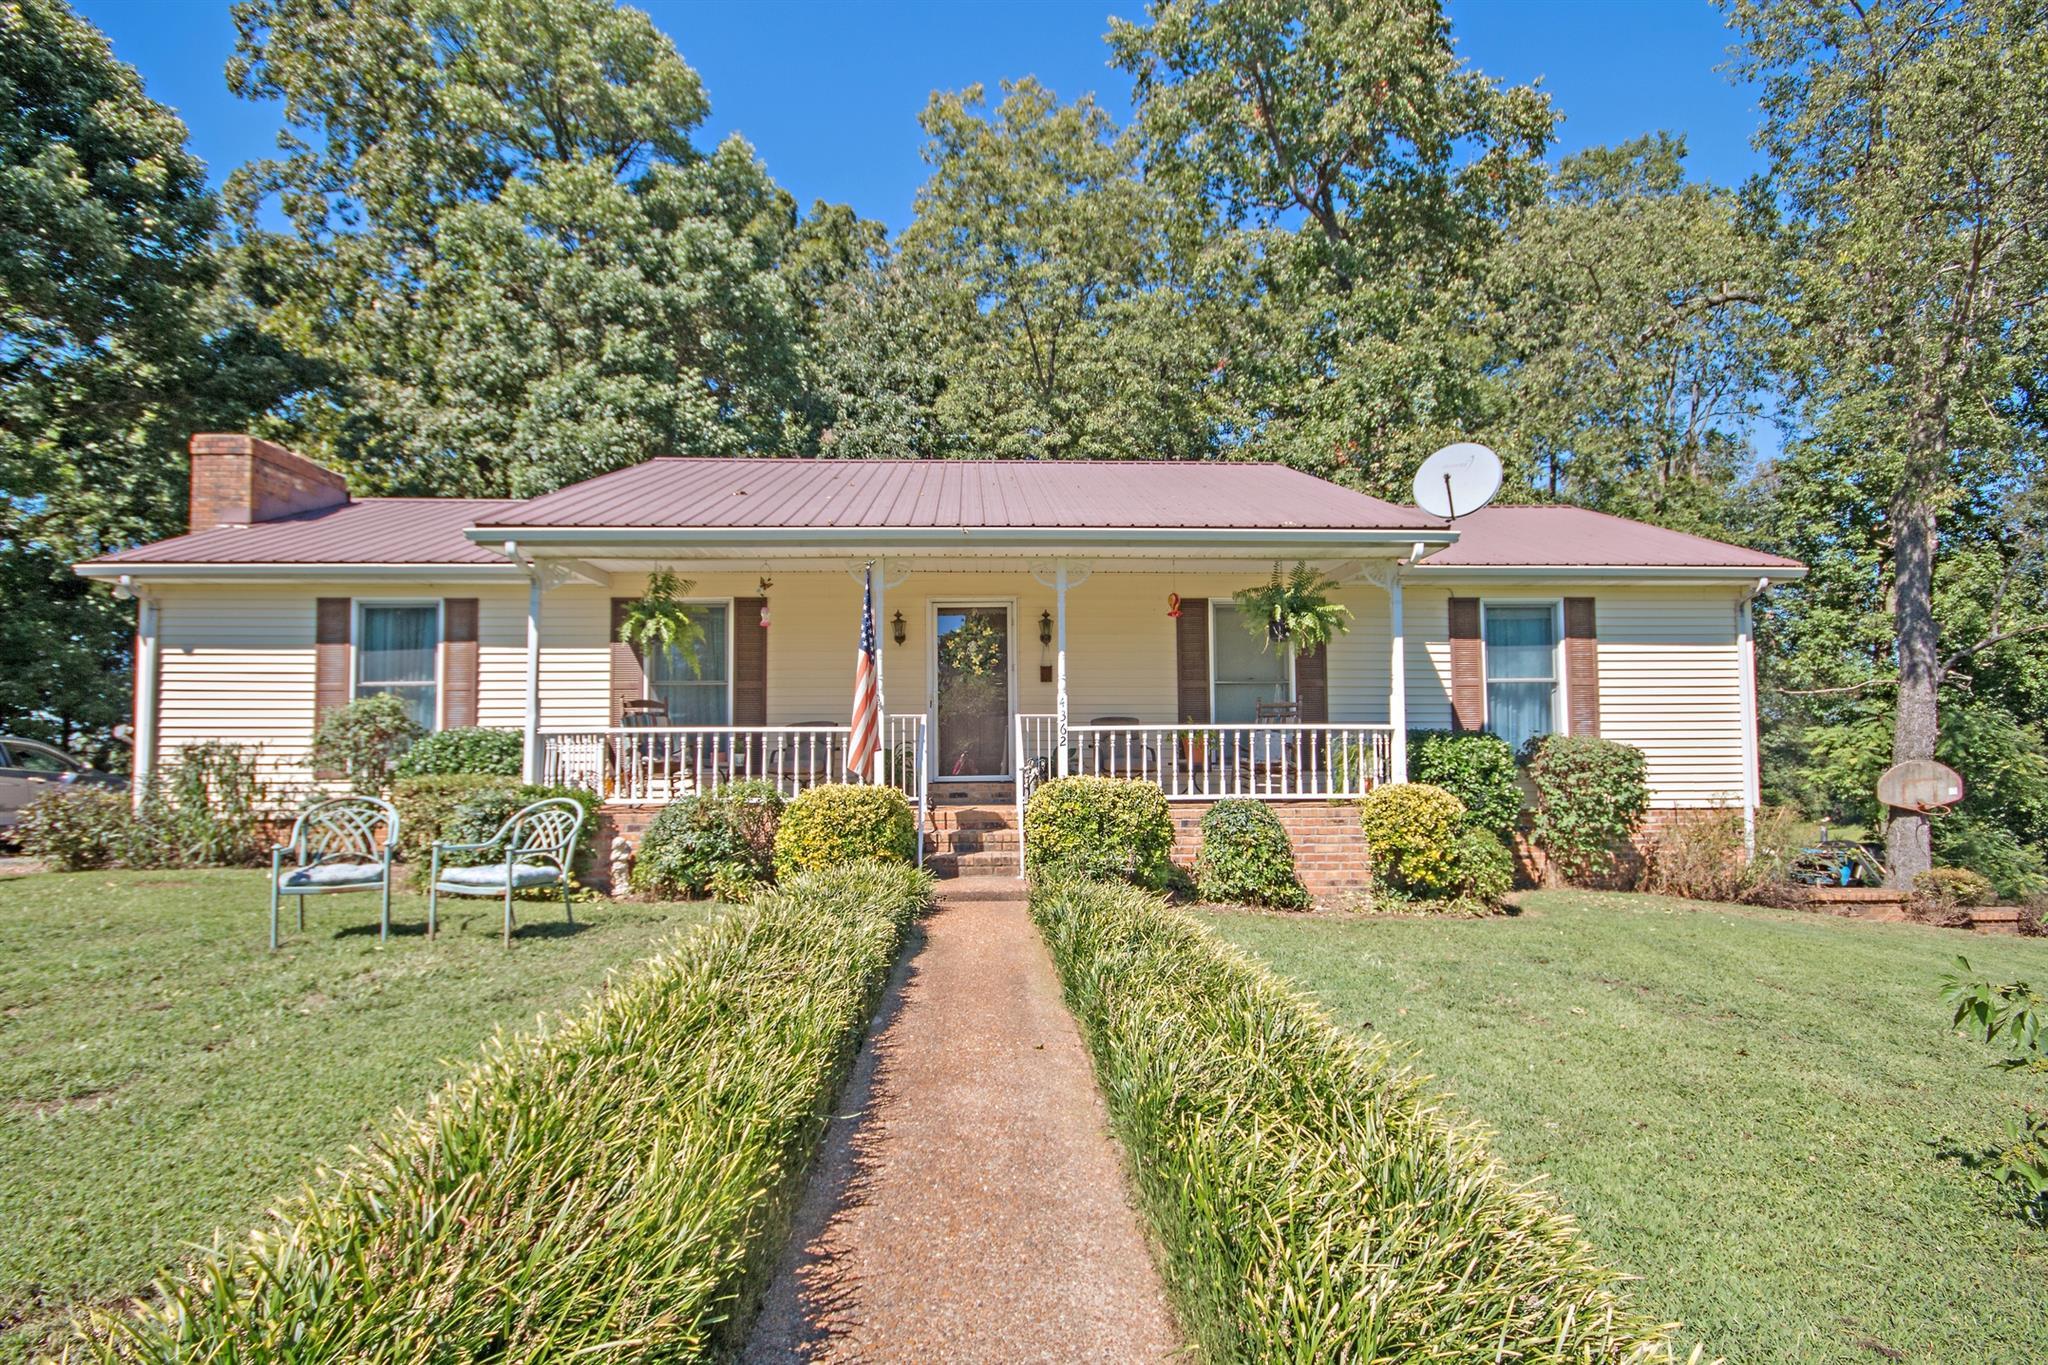 4362 Turnersville Rd, Cedar Hill, TN 37032